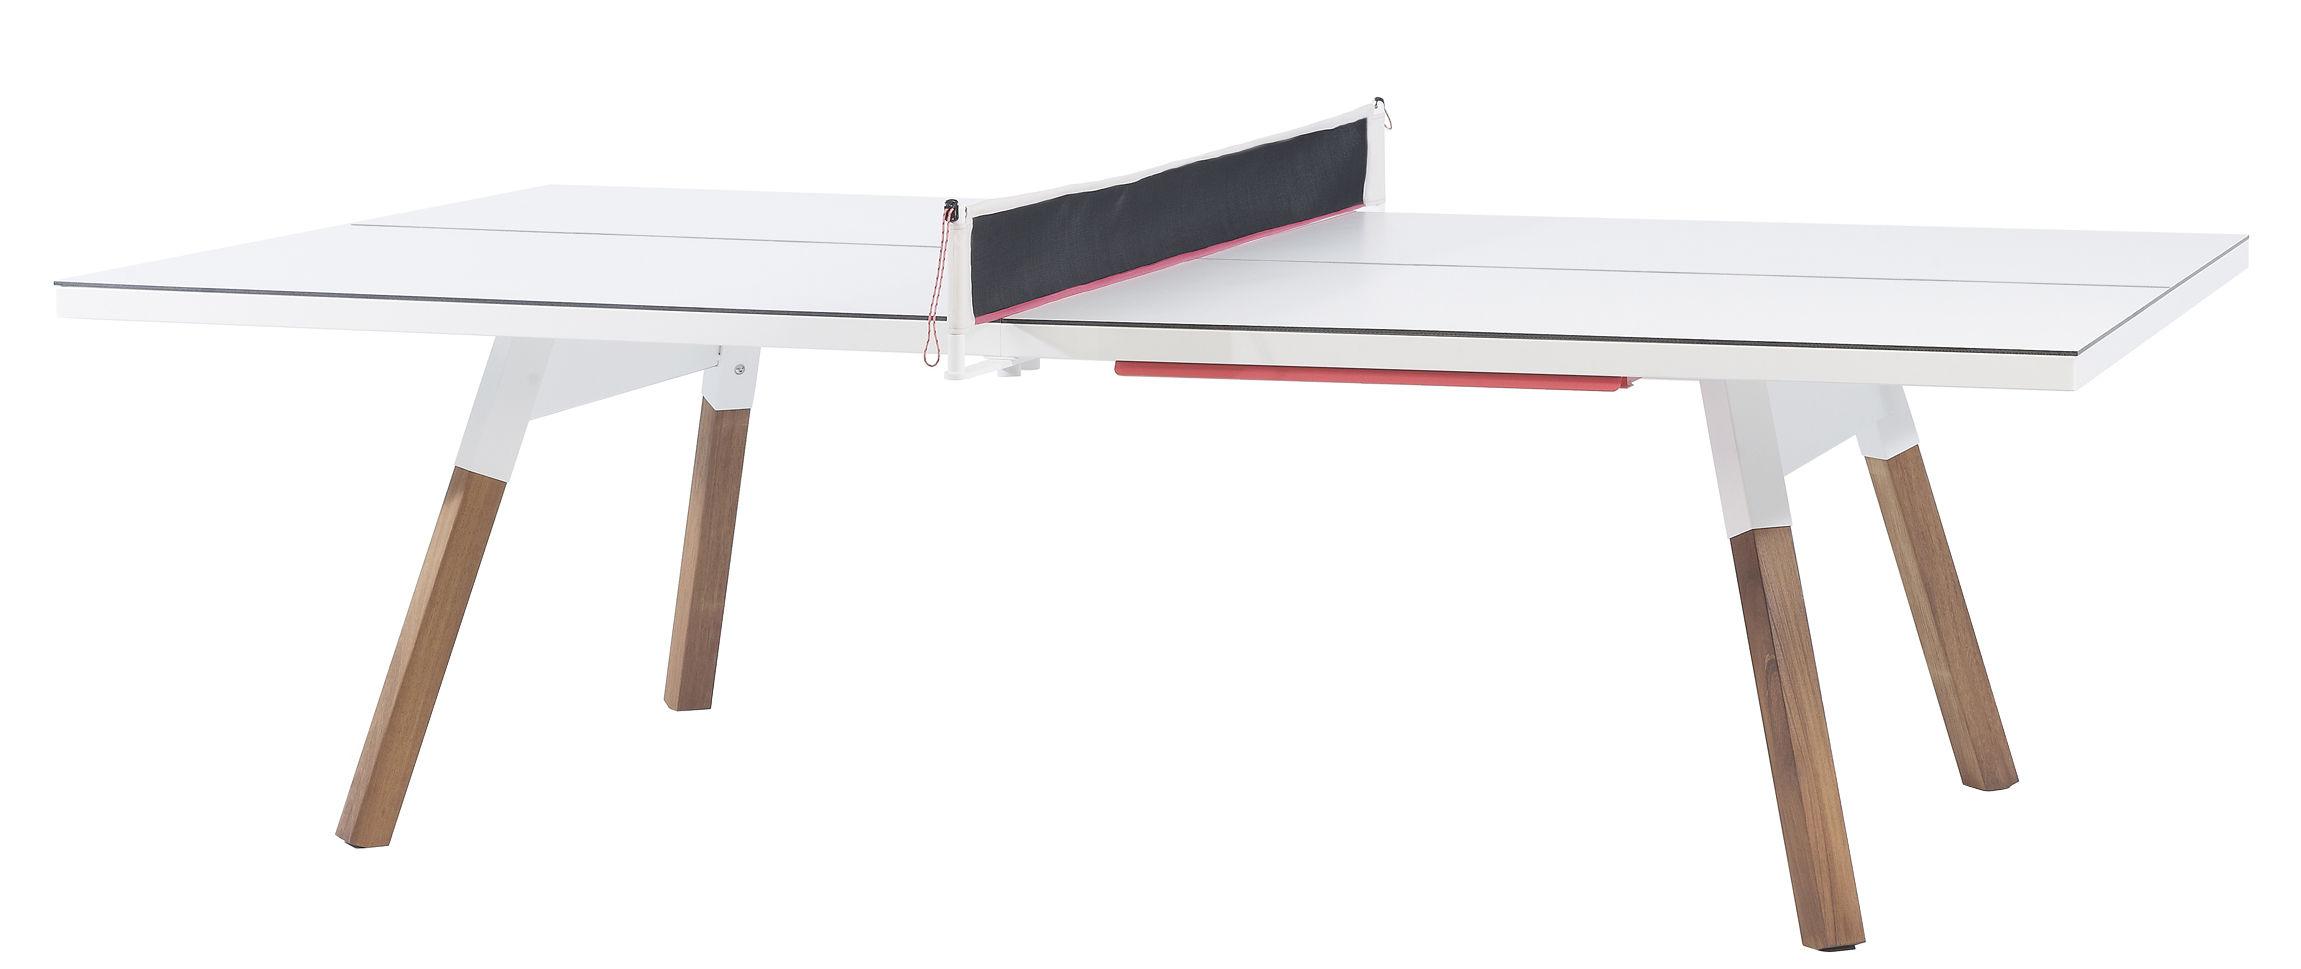 Scopri tavolo y m l 274 cm tavolo da ping pong da - Tavolo da ping pong dimensioni ...